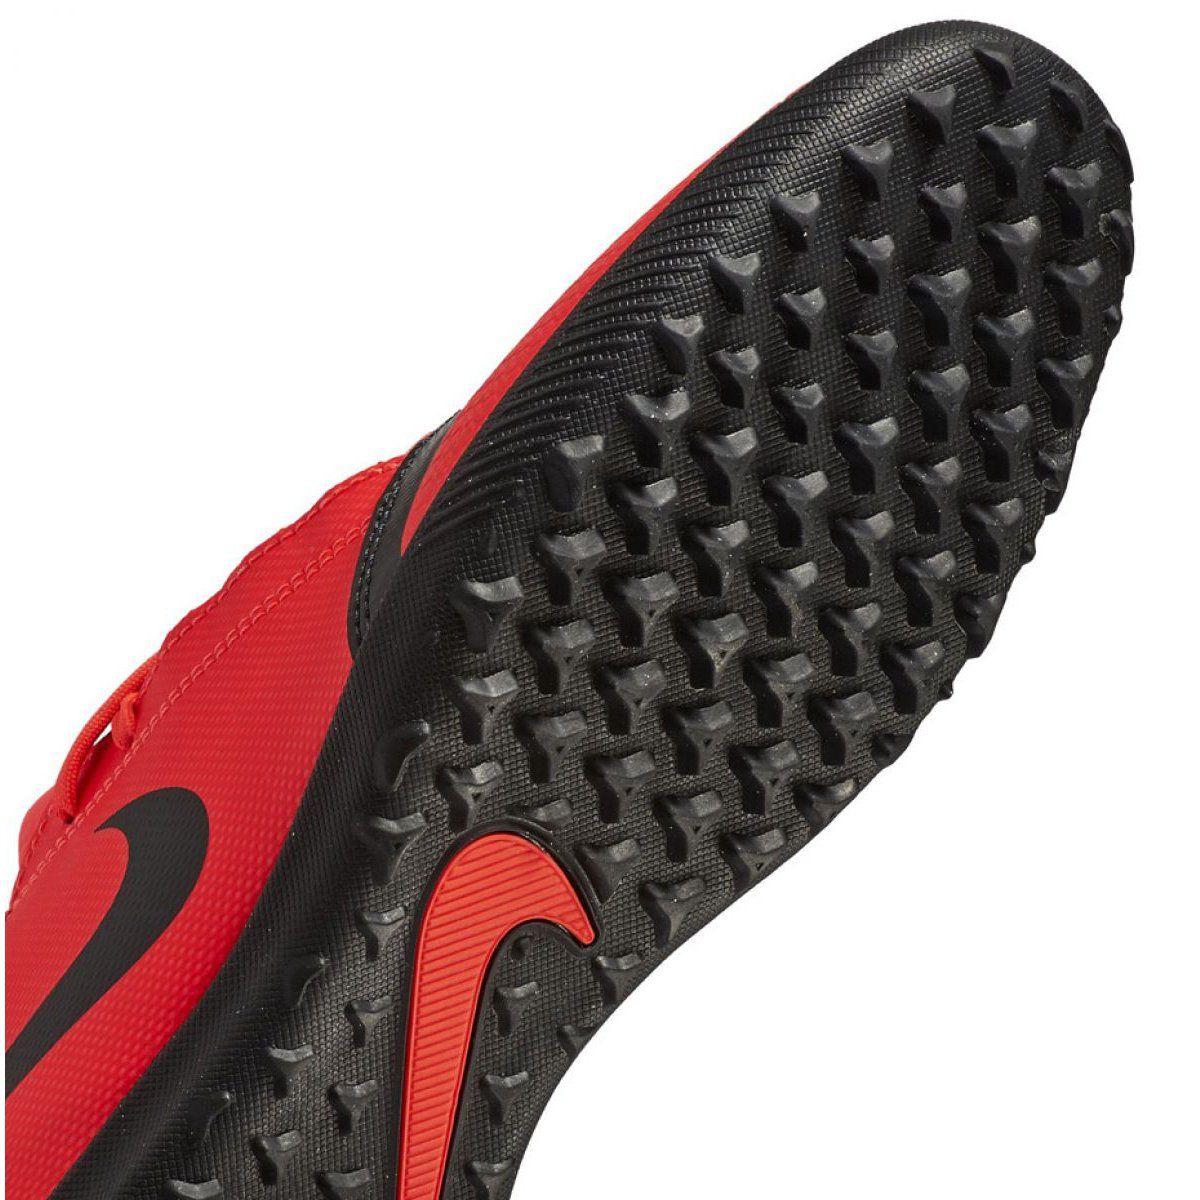 Buty Pilkarskie Nike Phantom Venom Club Tf M Ao0579 600 Czerwone Czerwone Football Shoes Nike Nike Shoes